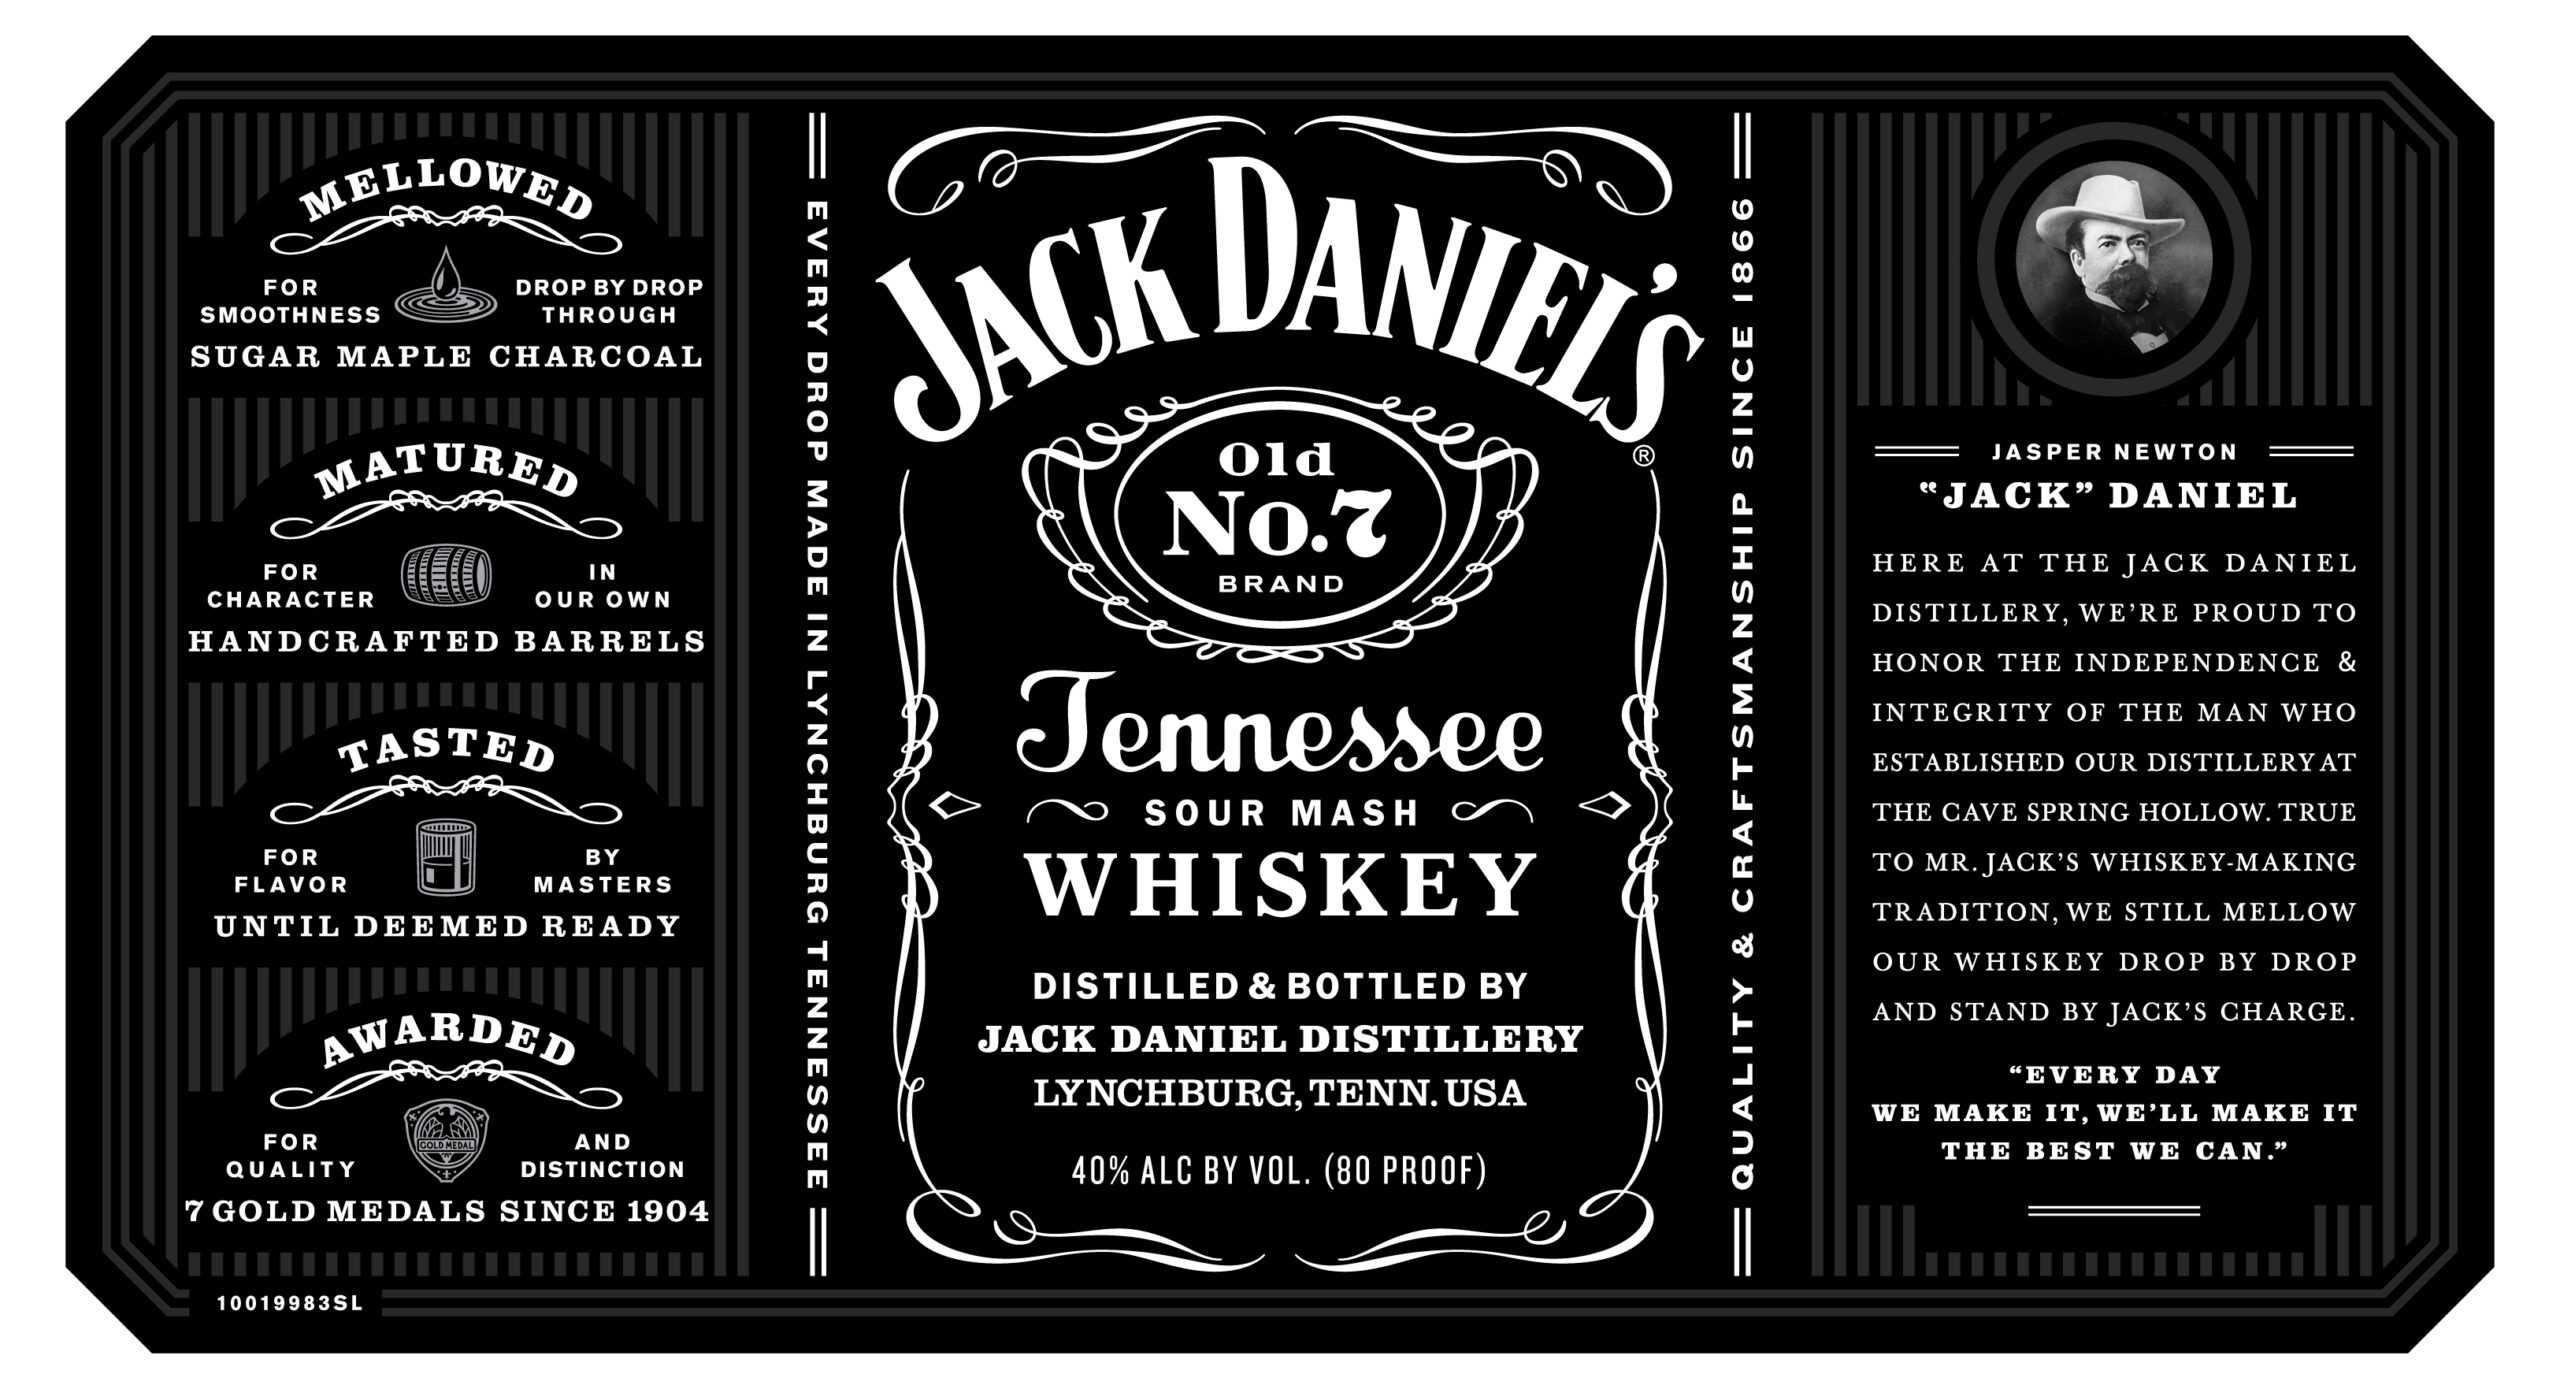 Jack Daniels Label Template - Labels Ideas 2019 Regarding Blank Jack Daniels Label Template